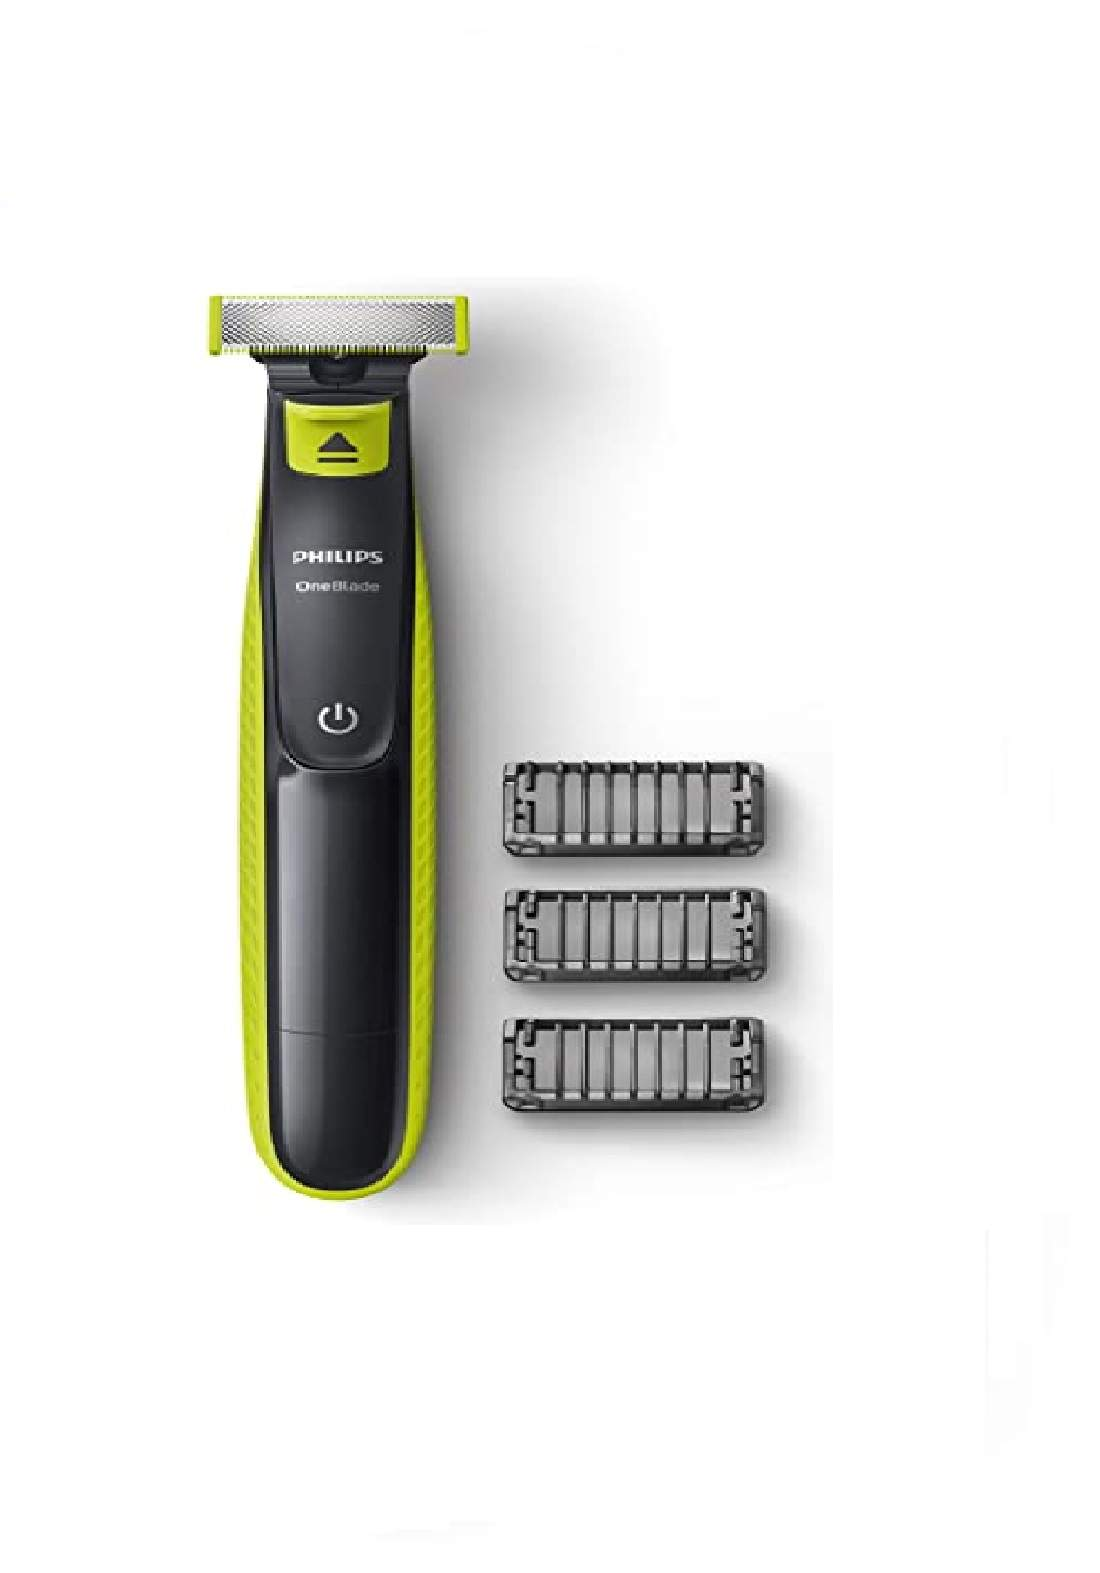 Philips QP2520 Norelco OneBlade  trimmer and shaver ماكنة حلاقة رجالية